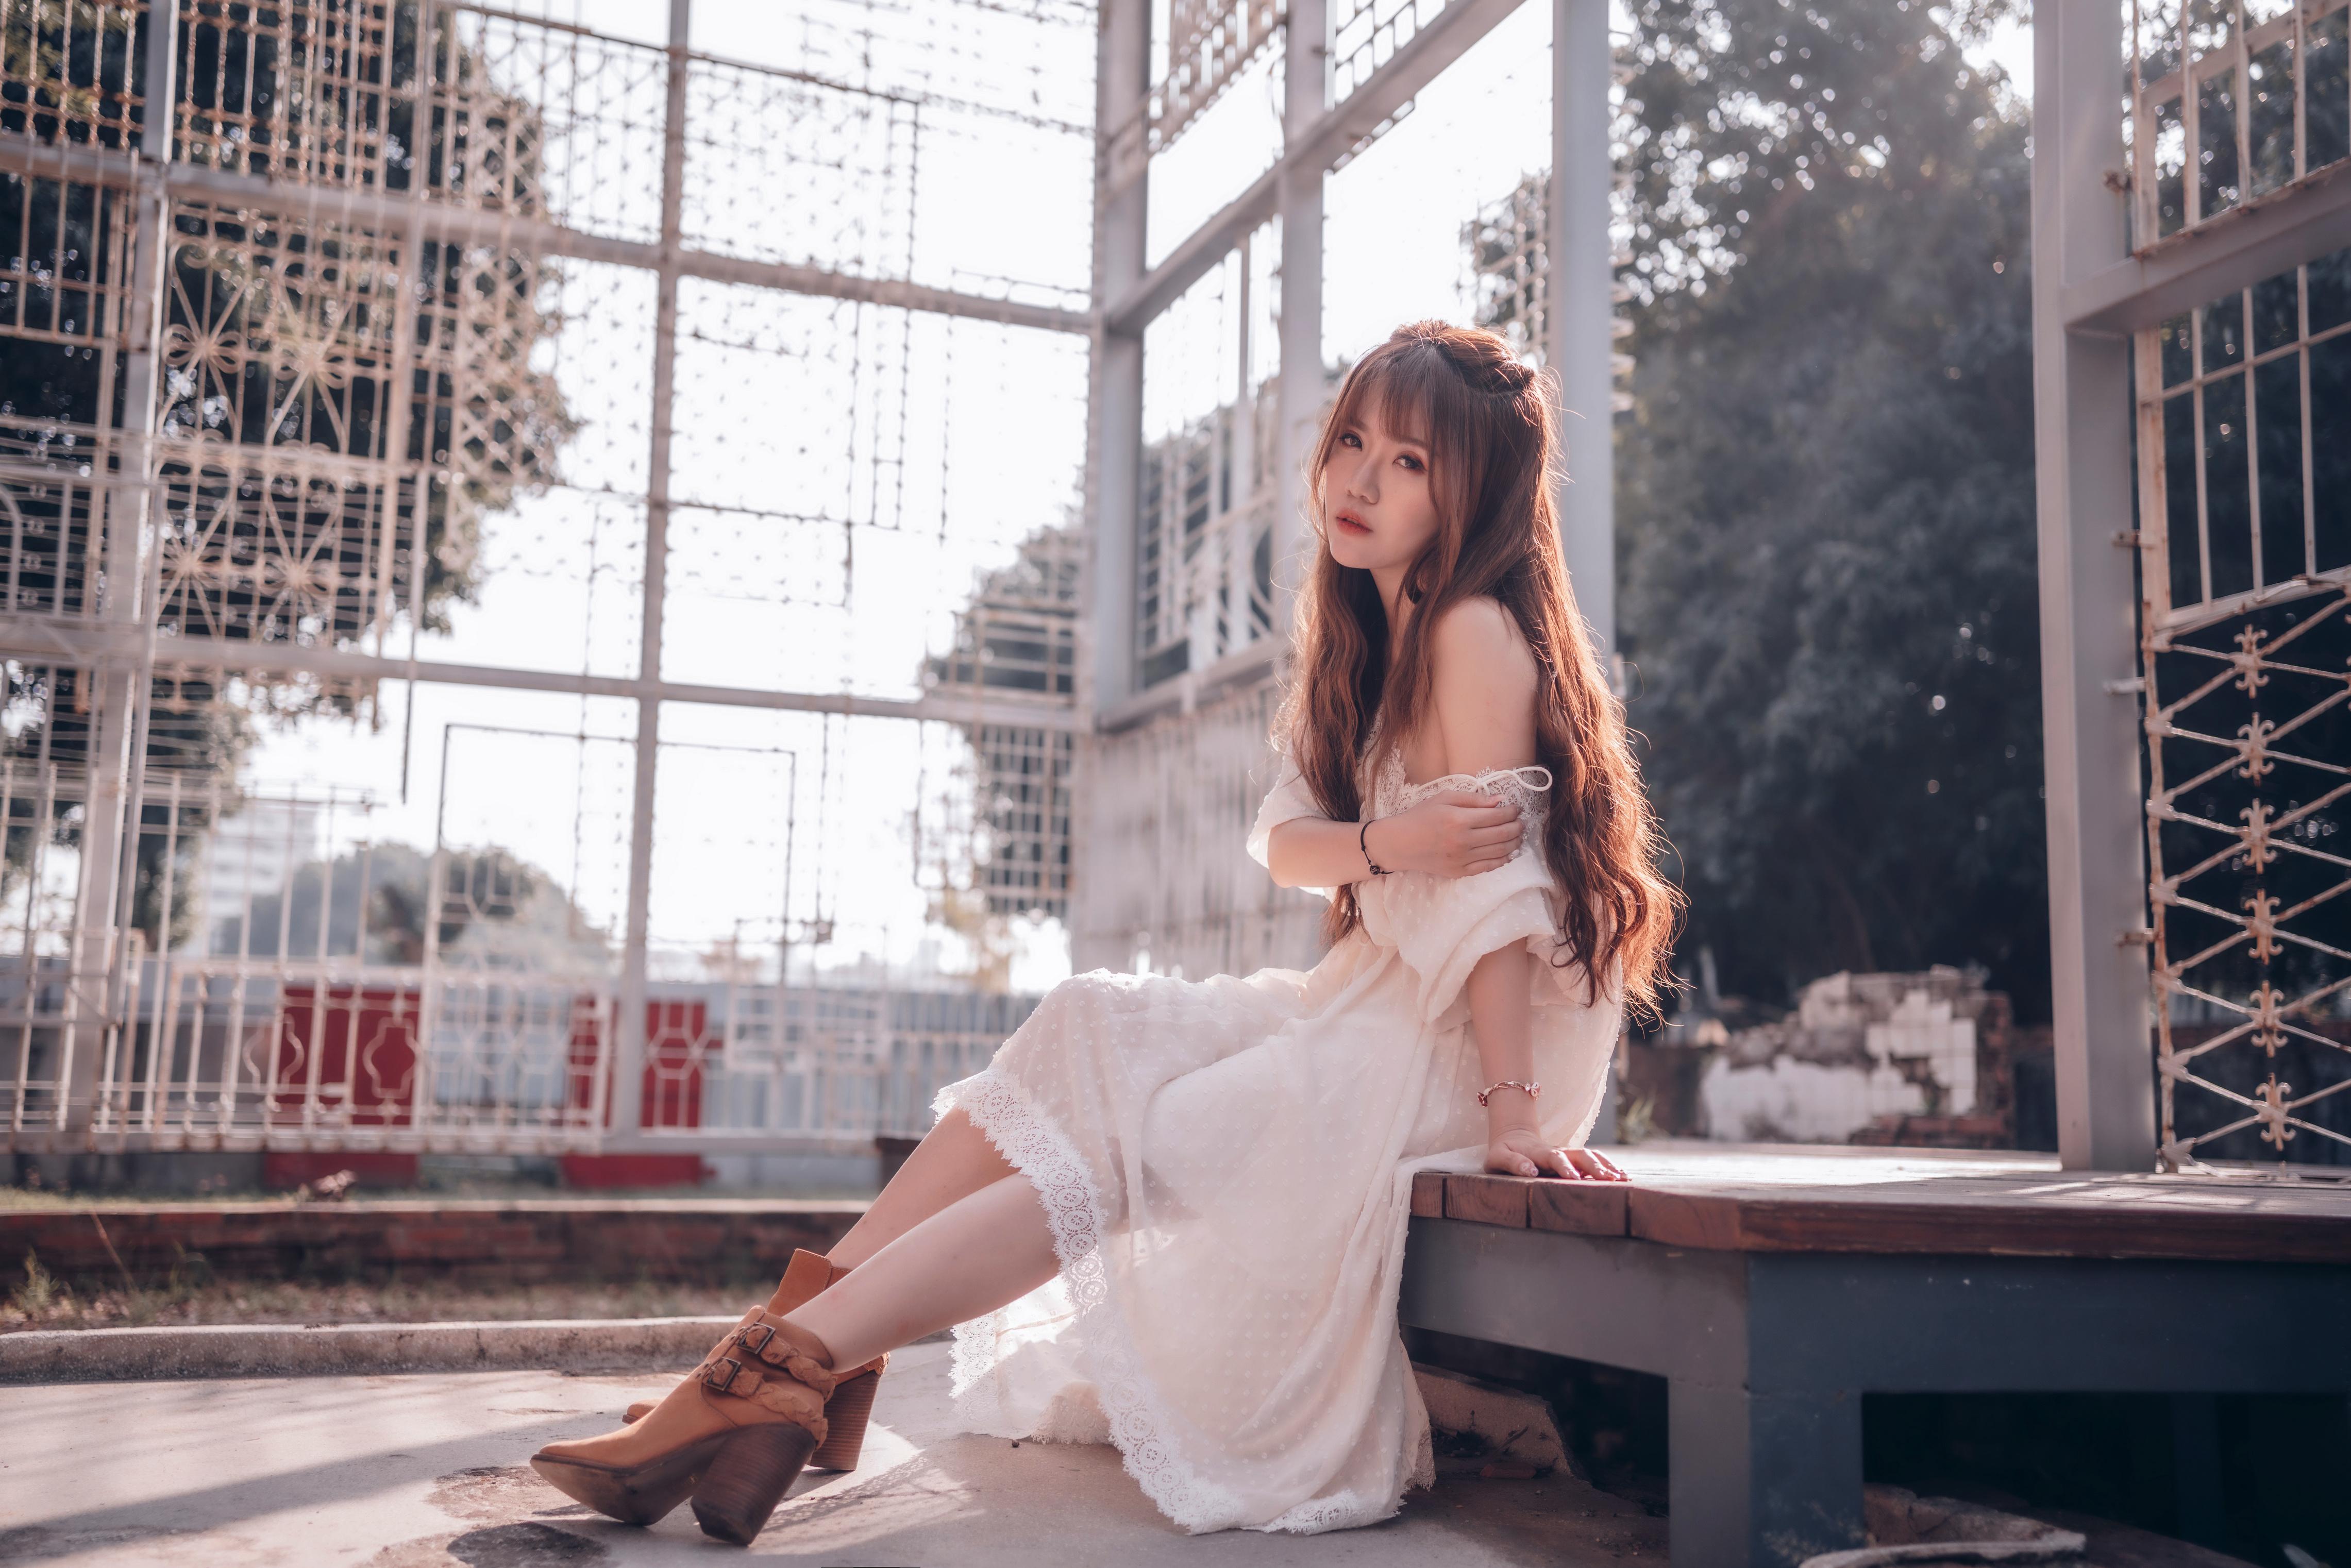 Foton Brunhårig tjej Unga kvinnor Asiater Sitter Klänning ung kvinna asiatisk